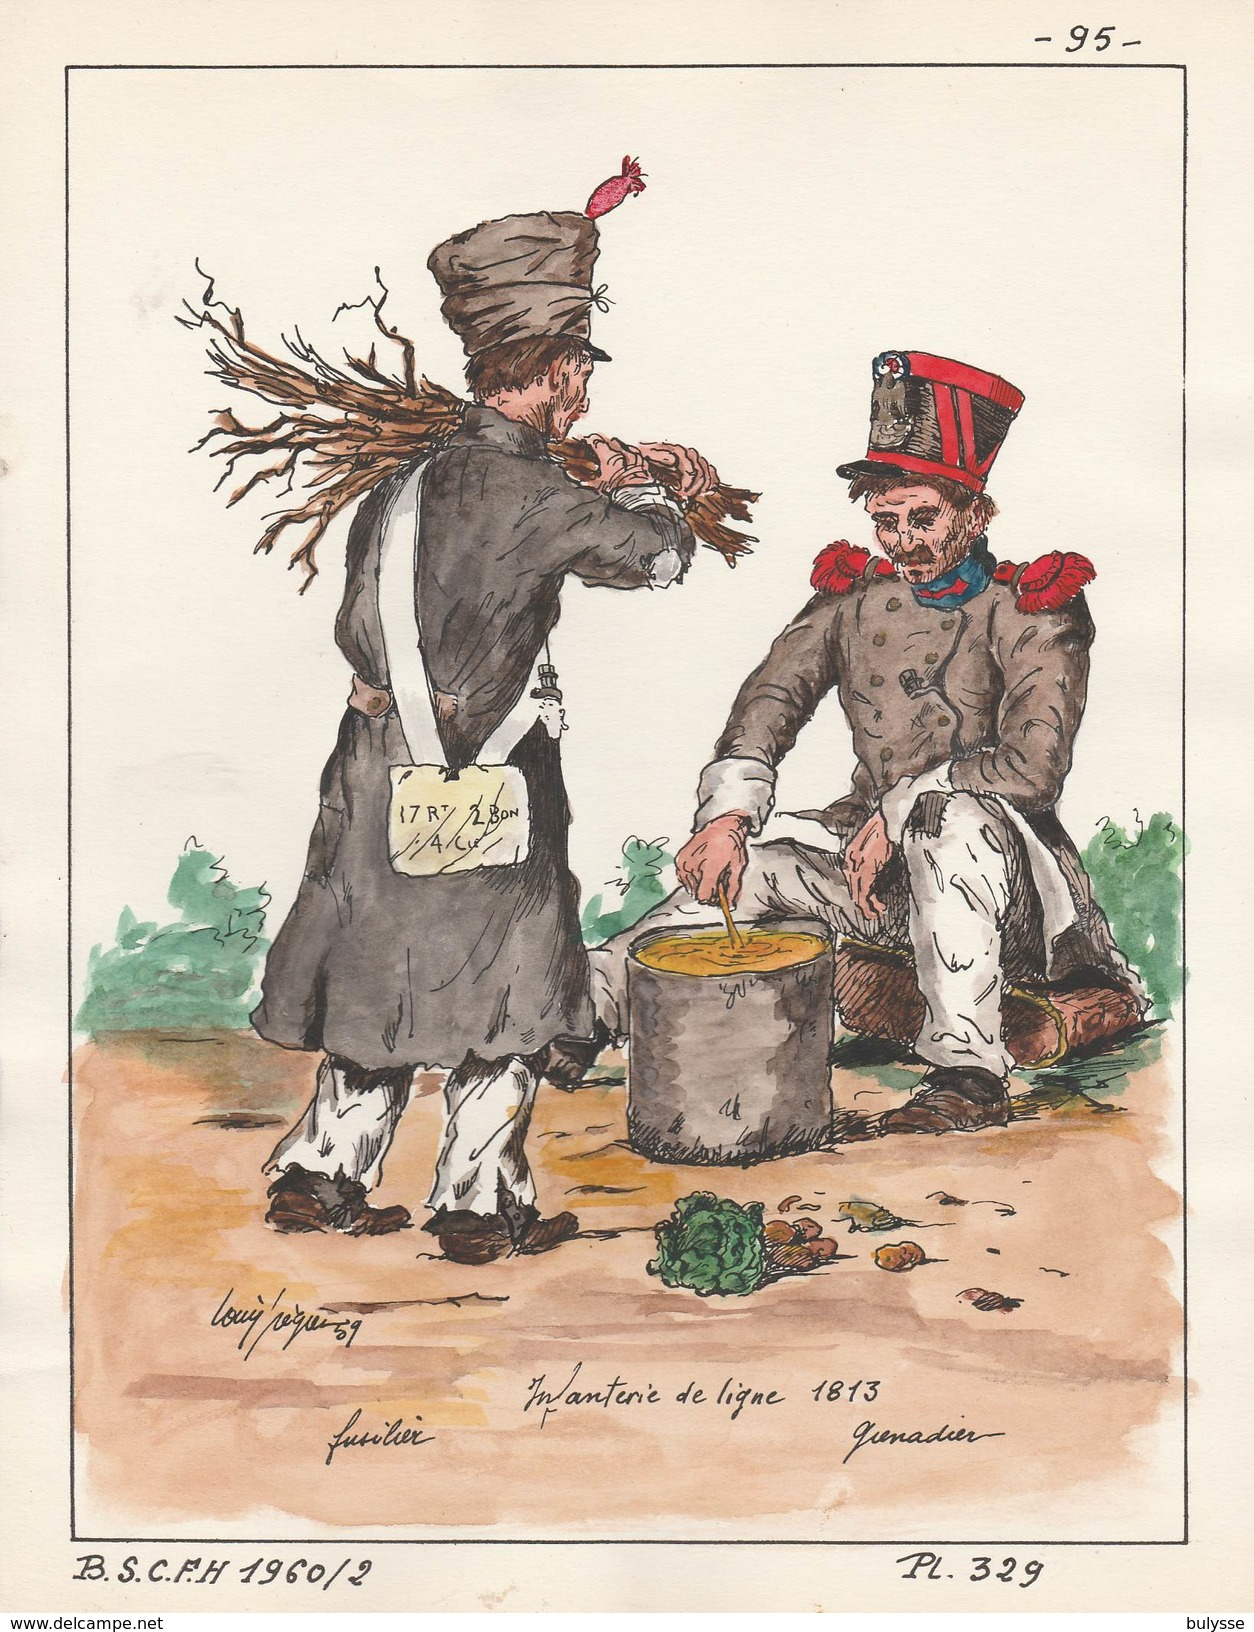 Planche Aquarellee Infanterie De Ligne 1813 - Uniforms